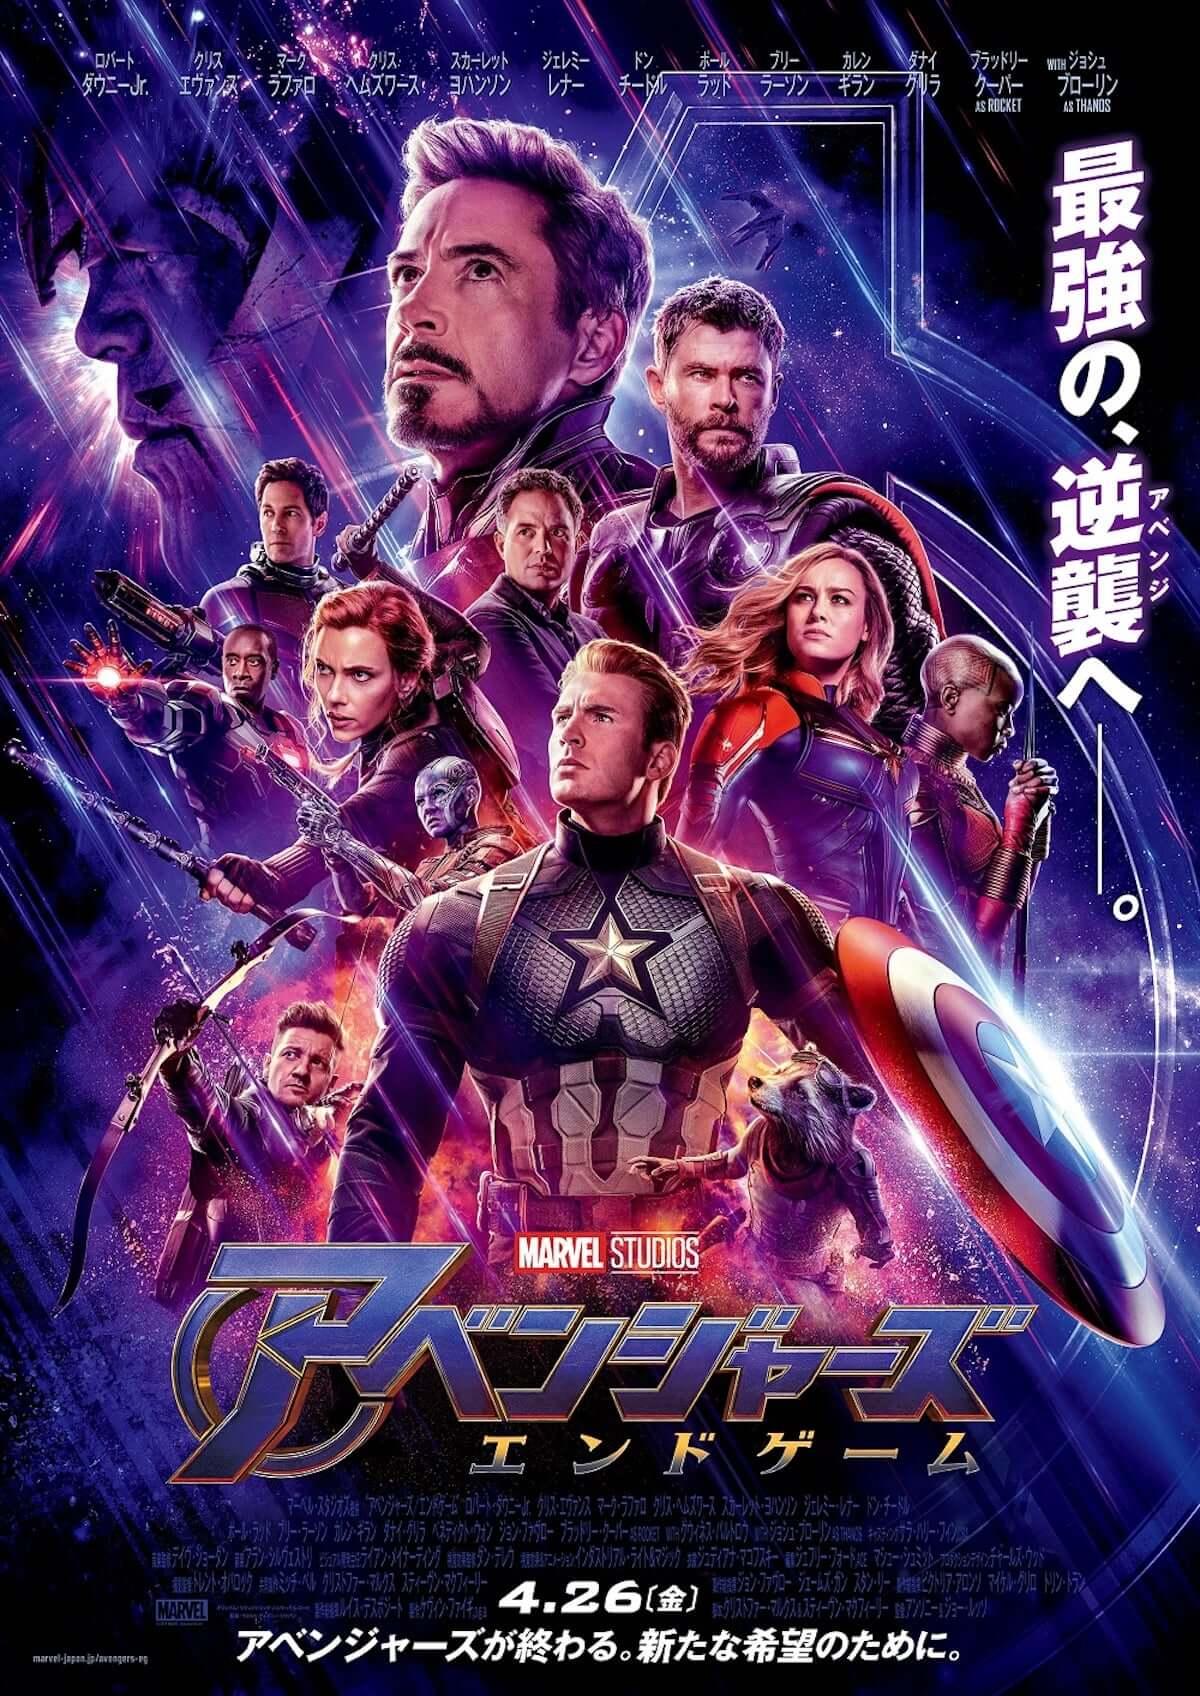 ついに世界を救うミッションへ|『アベンジャーズ/エンドゲーム』新スポット映像公開! film190412_avengers_endgame_1-1200x1696